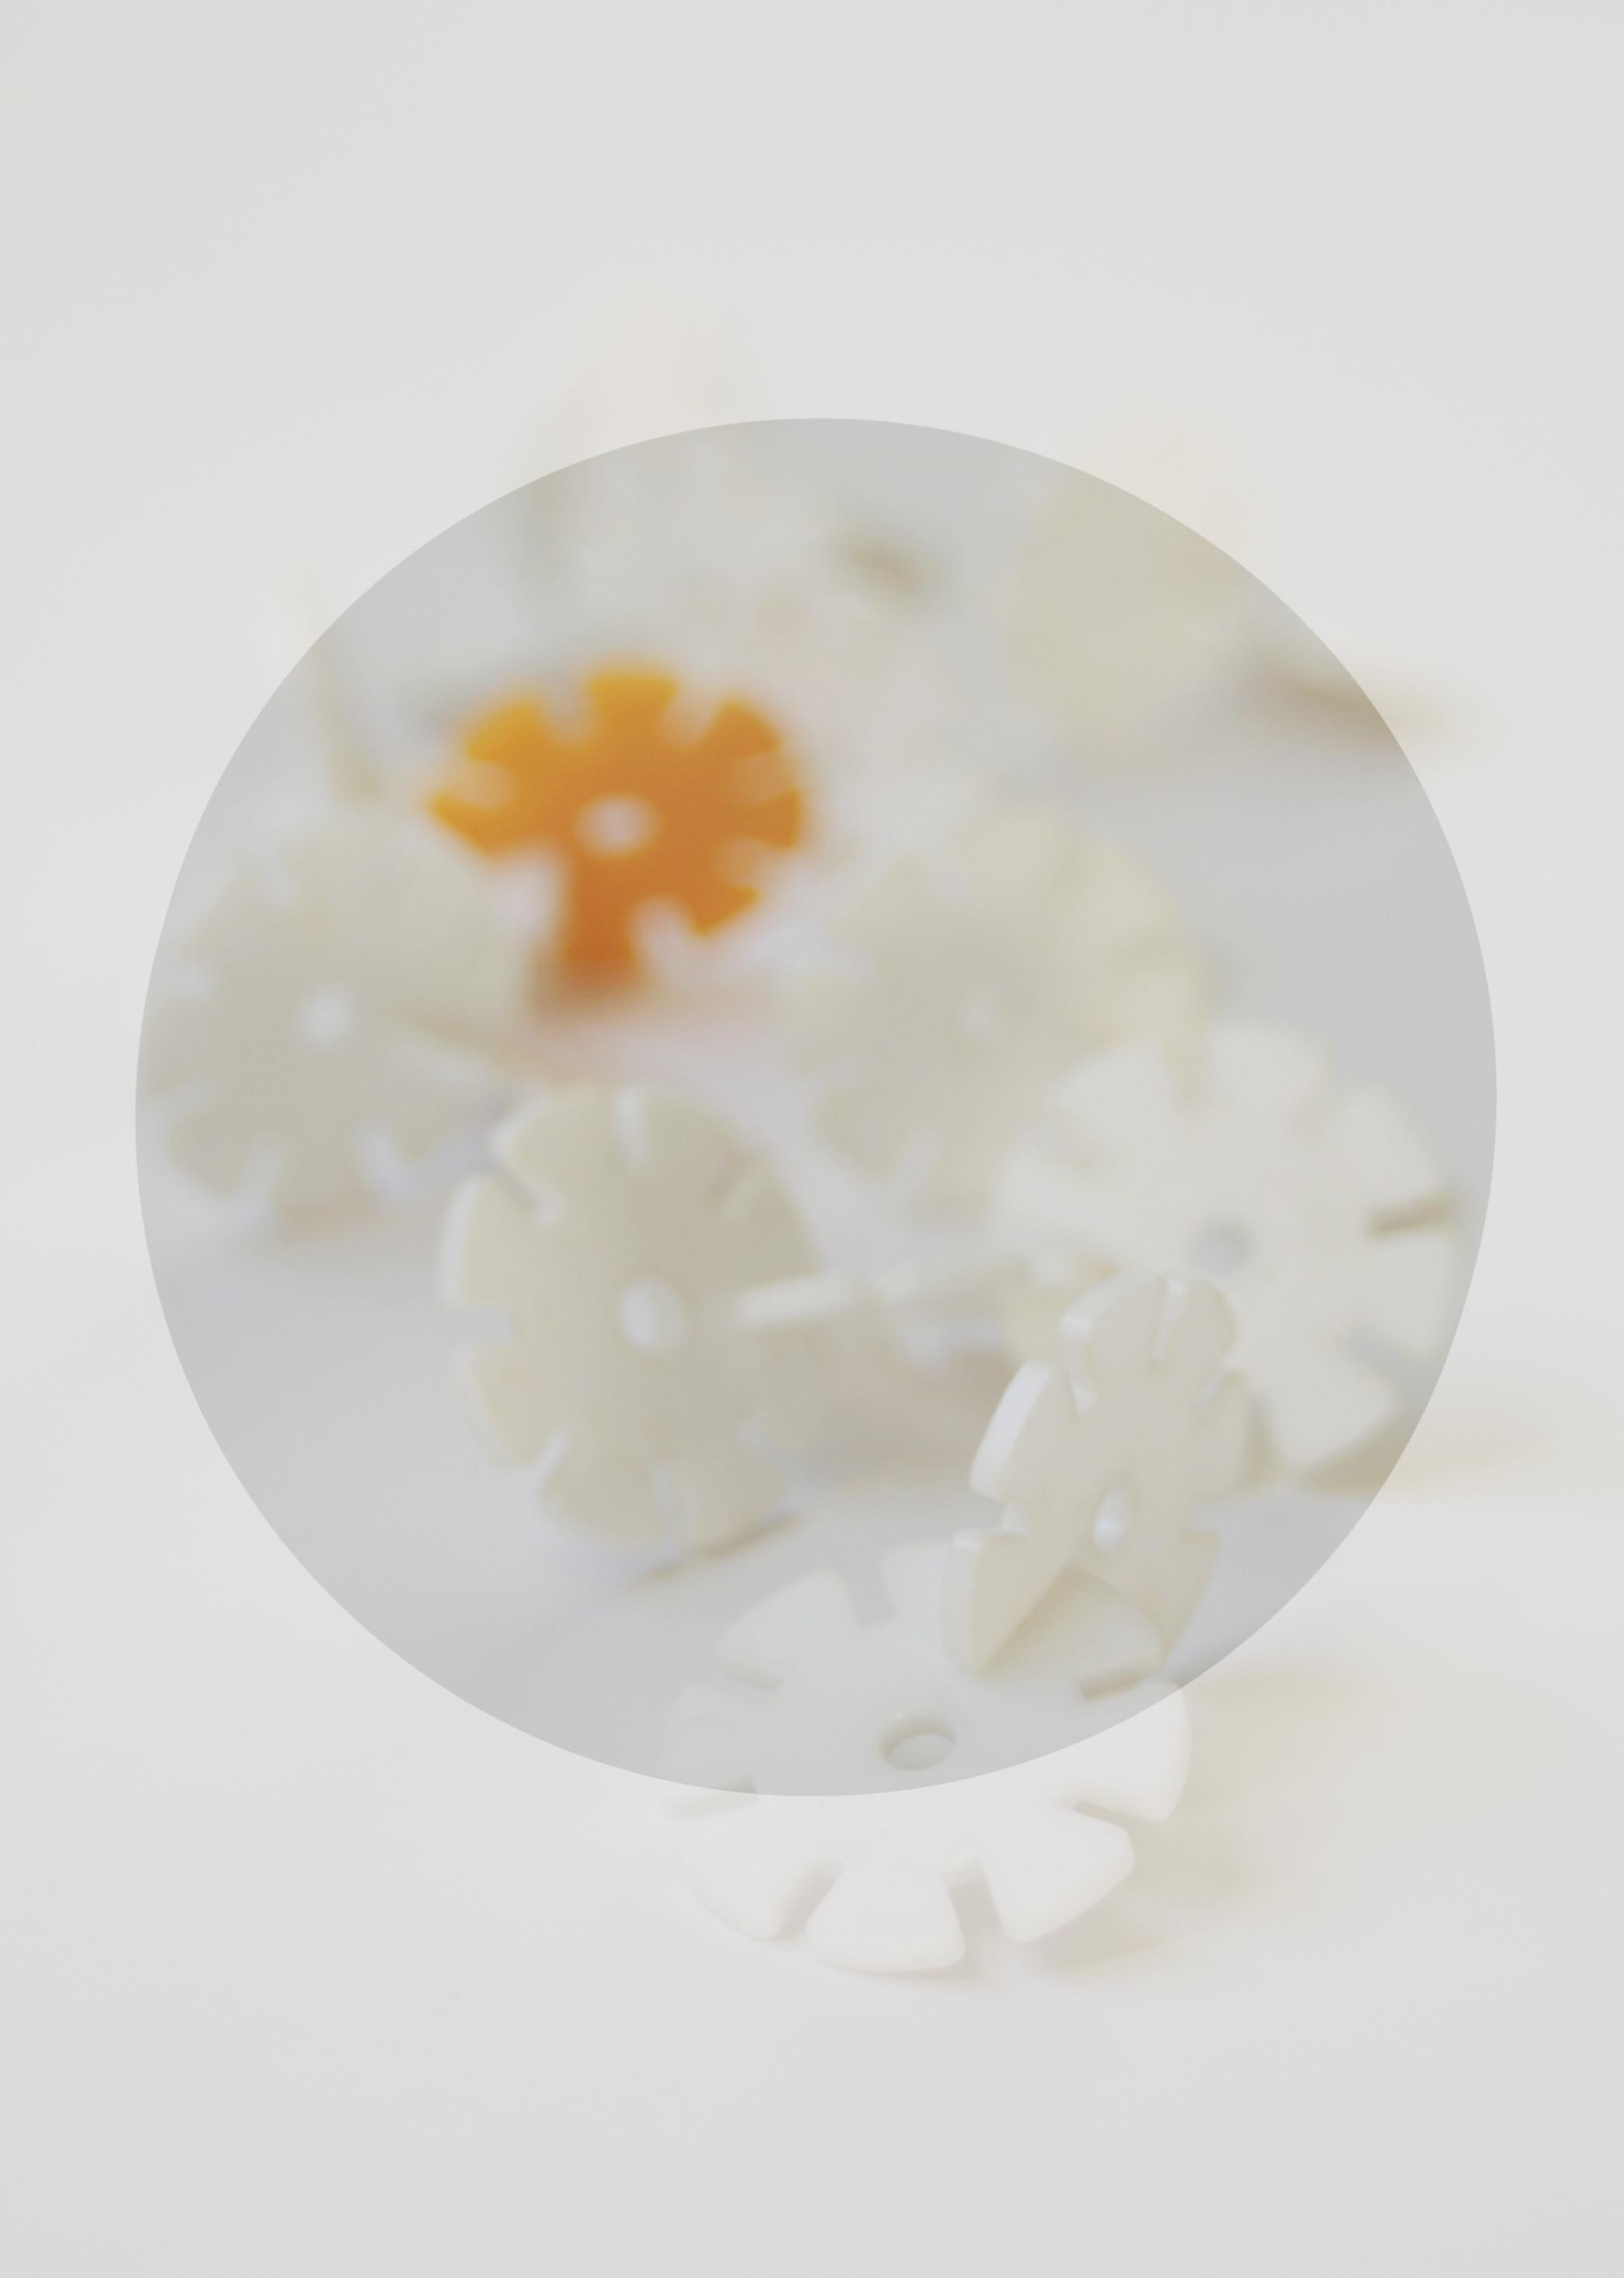 daisiesfinalwebsite2.jpg